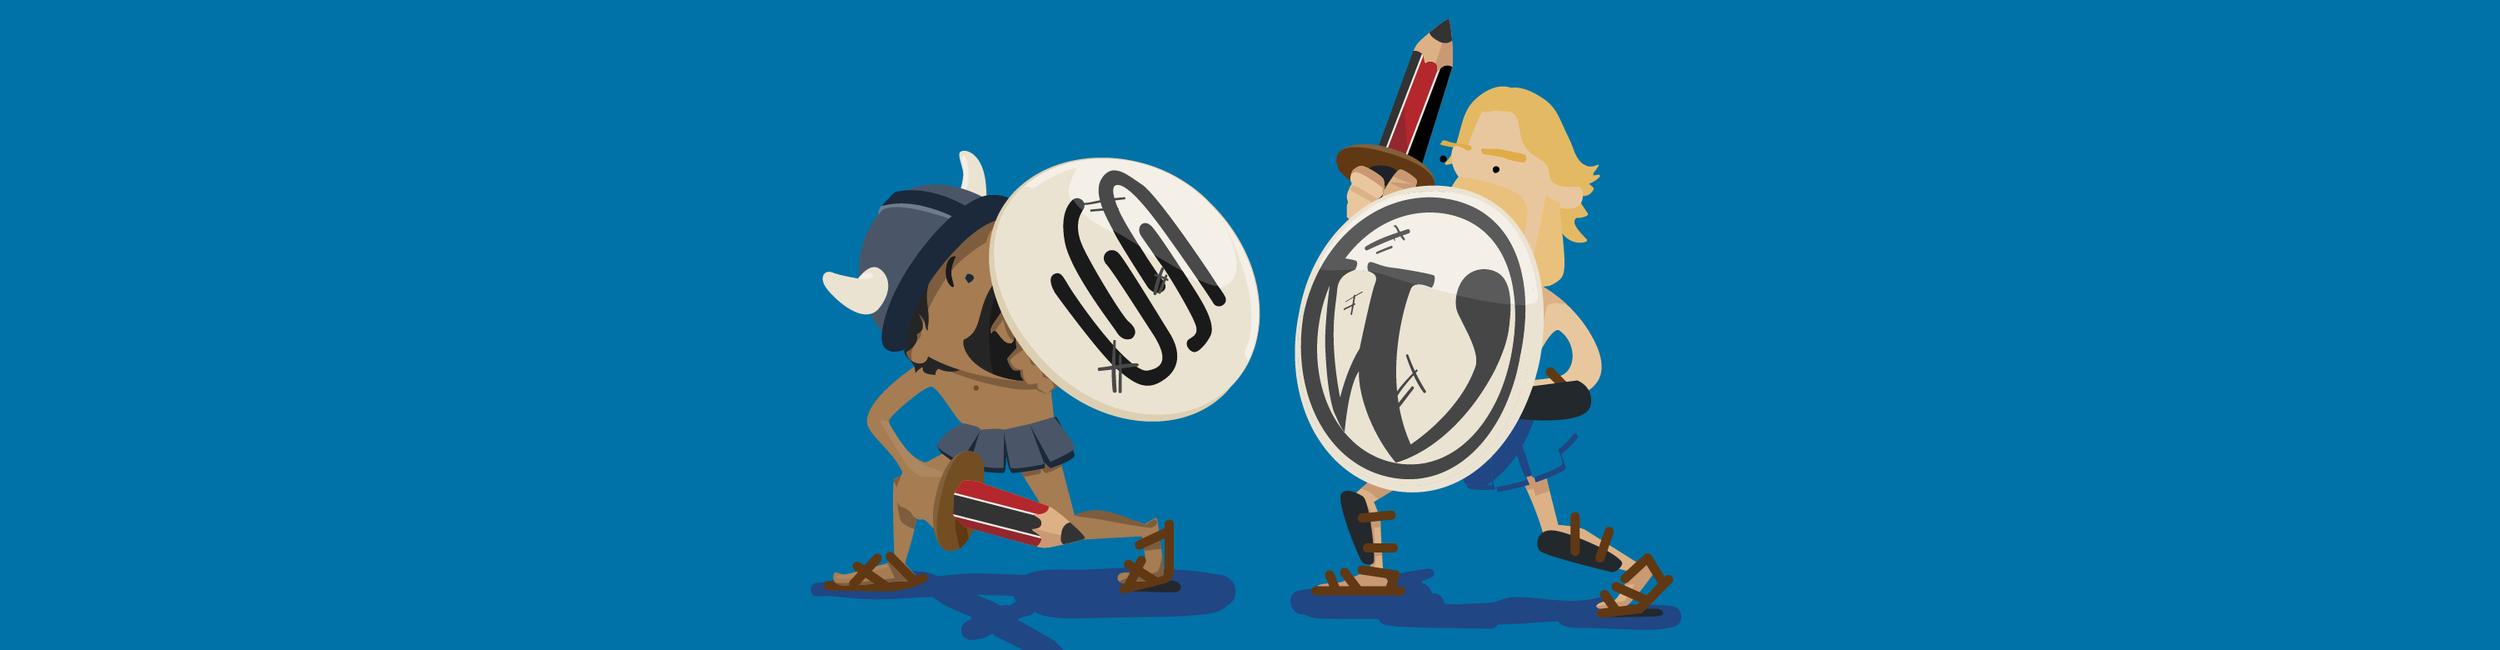 wp_vs_squarespace_illustration_fight